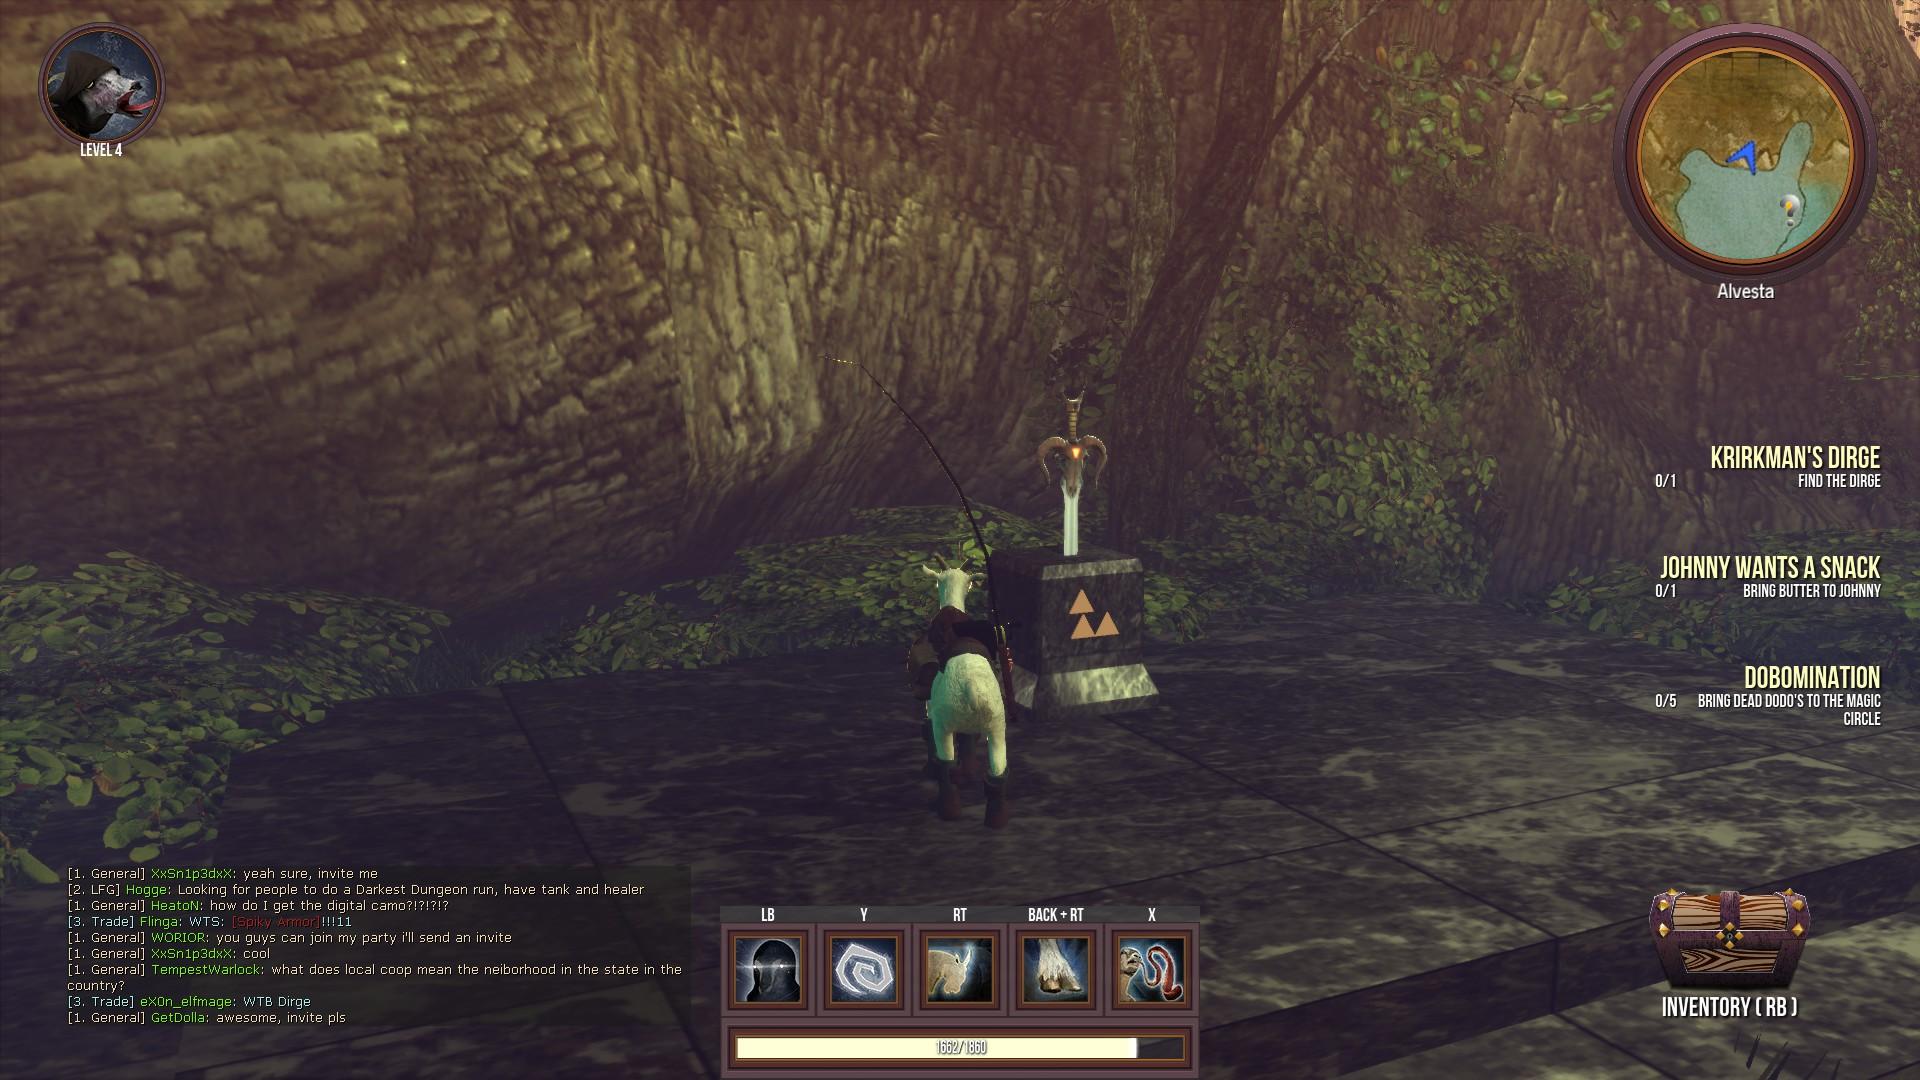 Die MMO-Erweiterung sieht wie ein vollwertiges Rollenspiel aus.